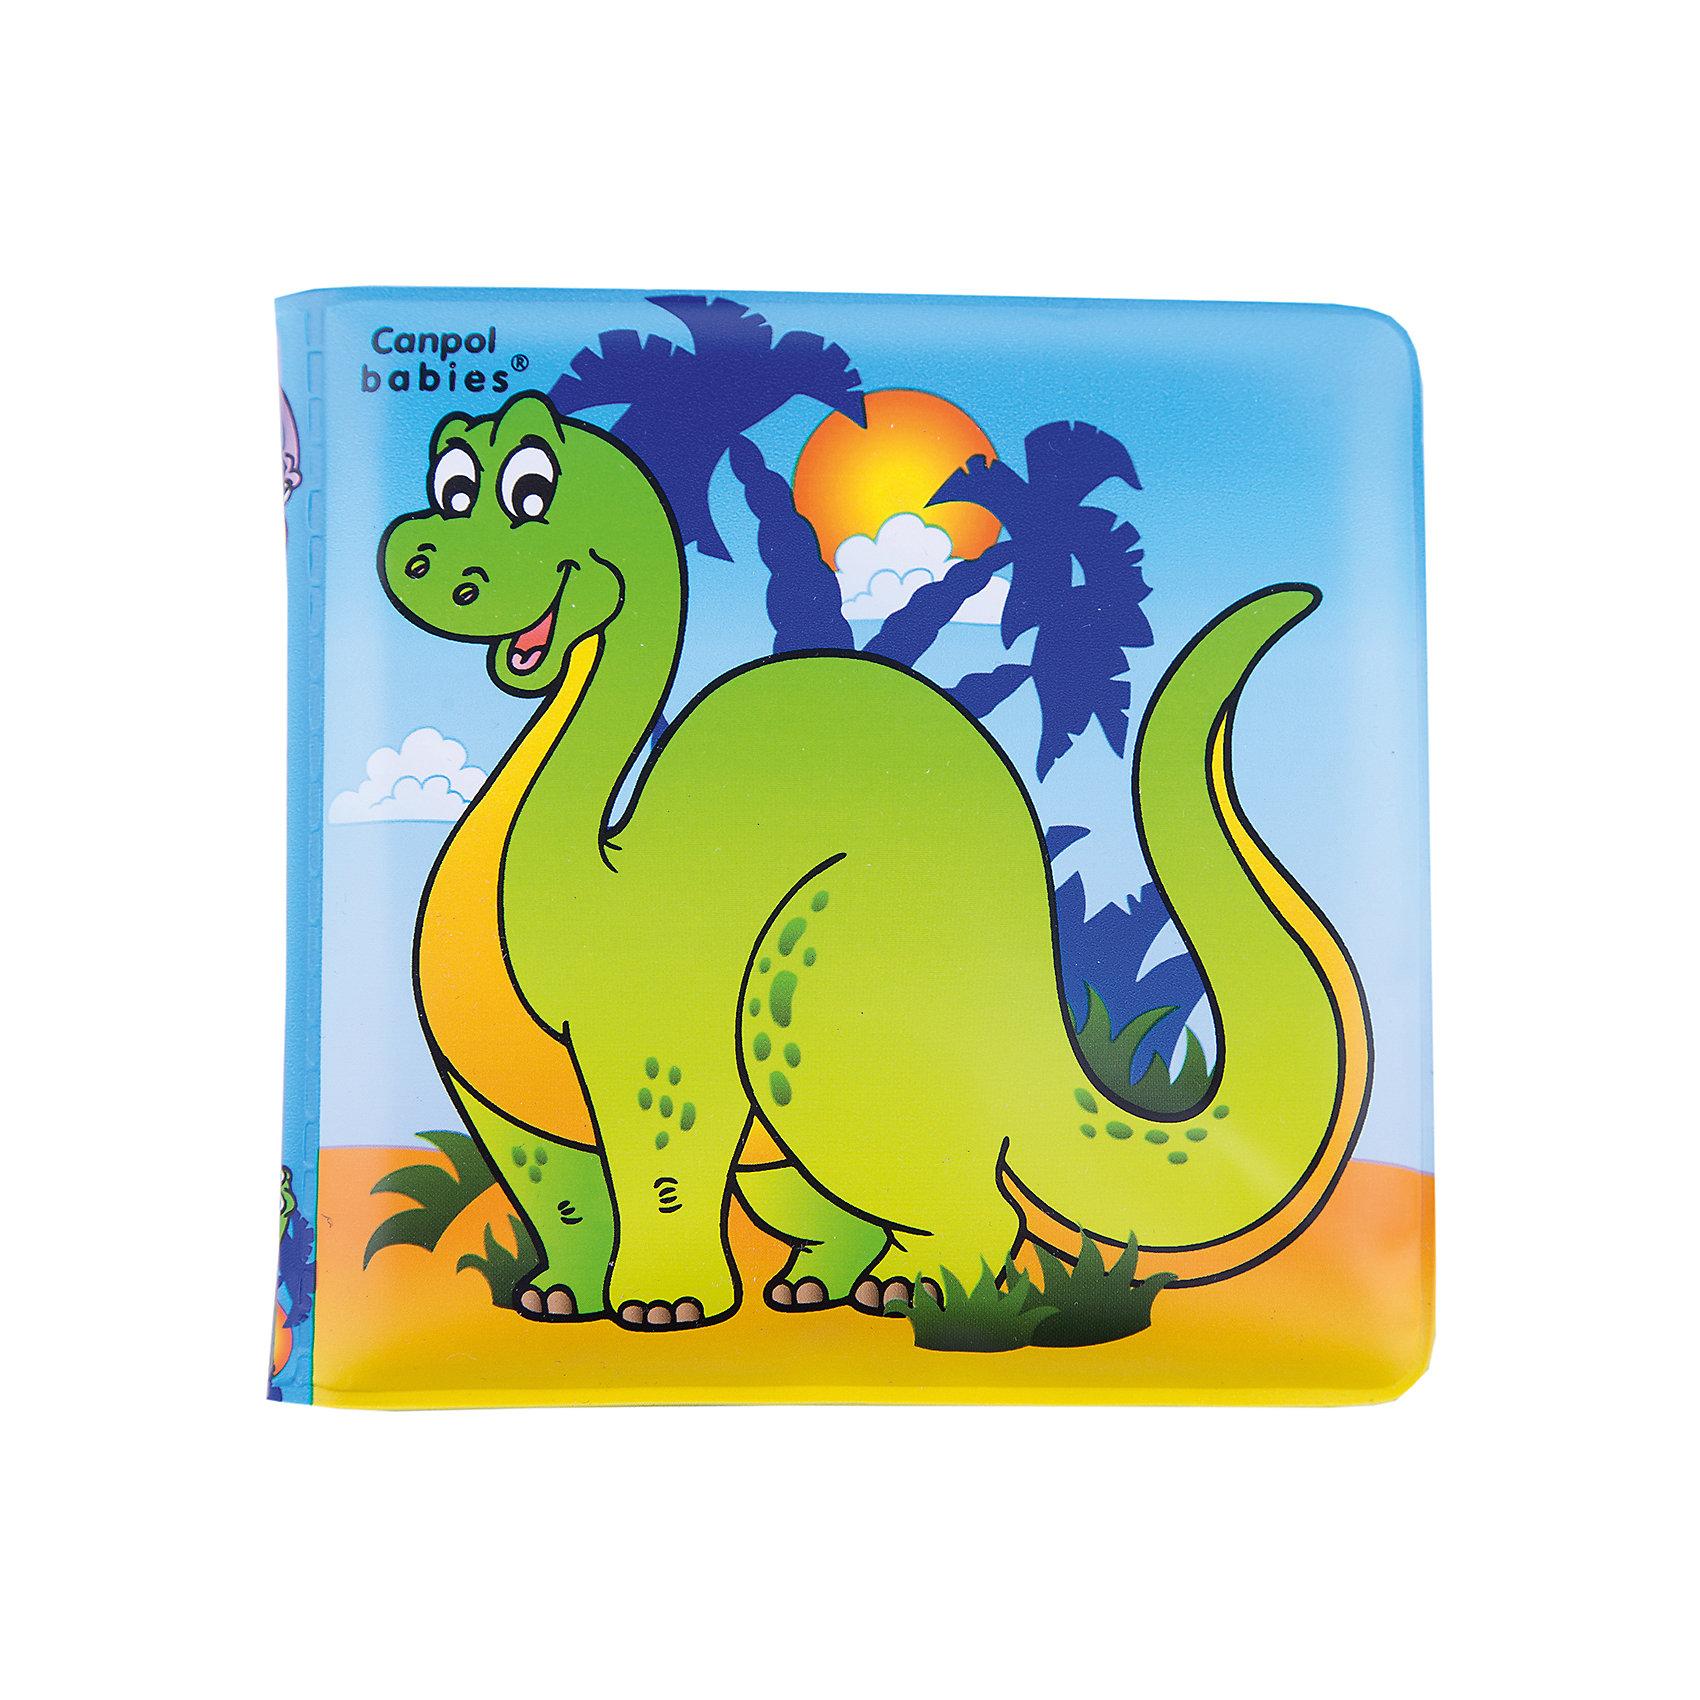 Книжка с пищалкой Динозаврик 6+, Canpol BabiesИгрушки для малышей<br>Книжка с пищалкой, 6+, Canpol Babies (Канпол Бейбис), динозаврик.<br><br>Характеристики:<br>• Материал: мягкий, нетоксичный<br>• Размер: 2см х 13х 20 см.<br>• Возраст: 6+.<br>• Цвет: красочная.<br><br>Книжка с пищалкой, 6+ - красивая книжка для малышей с 6 месяцев. Яркие рисунки заинтересуют ребенка, а звук пищалки дополнительно привлечет внимание. Ребенок с любопытством будет рассматривать цветные картинки, представляющие разные объекты. Данная книжечка иллюстрирована картинками с динозавриком. Играя и рассматривая книжечку,  малыш развивает цветовое восприятие и координацию движений. Книжка изготовлена из безопасных, нетоксичных материалов, ее легко содержать в чистоте и даже можно брать ее с собой в ванну.<br><br>Книжку с пищалкой, 6+, Canpol Babies (Канпол Бейбис), динозаврик можно купить в нашем интернет – магазине.<br><br>Ширина мм: 137<br>Глубина мм: 20<br>Высота мм: 220<br>Вес г: 300<br>Возраст от месяцев: 6<br>Возраст до месяцев: 36<br>Пол: Унисекс<br>Возраст: Детский<br>SKU: 5156828